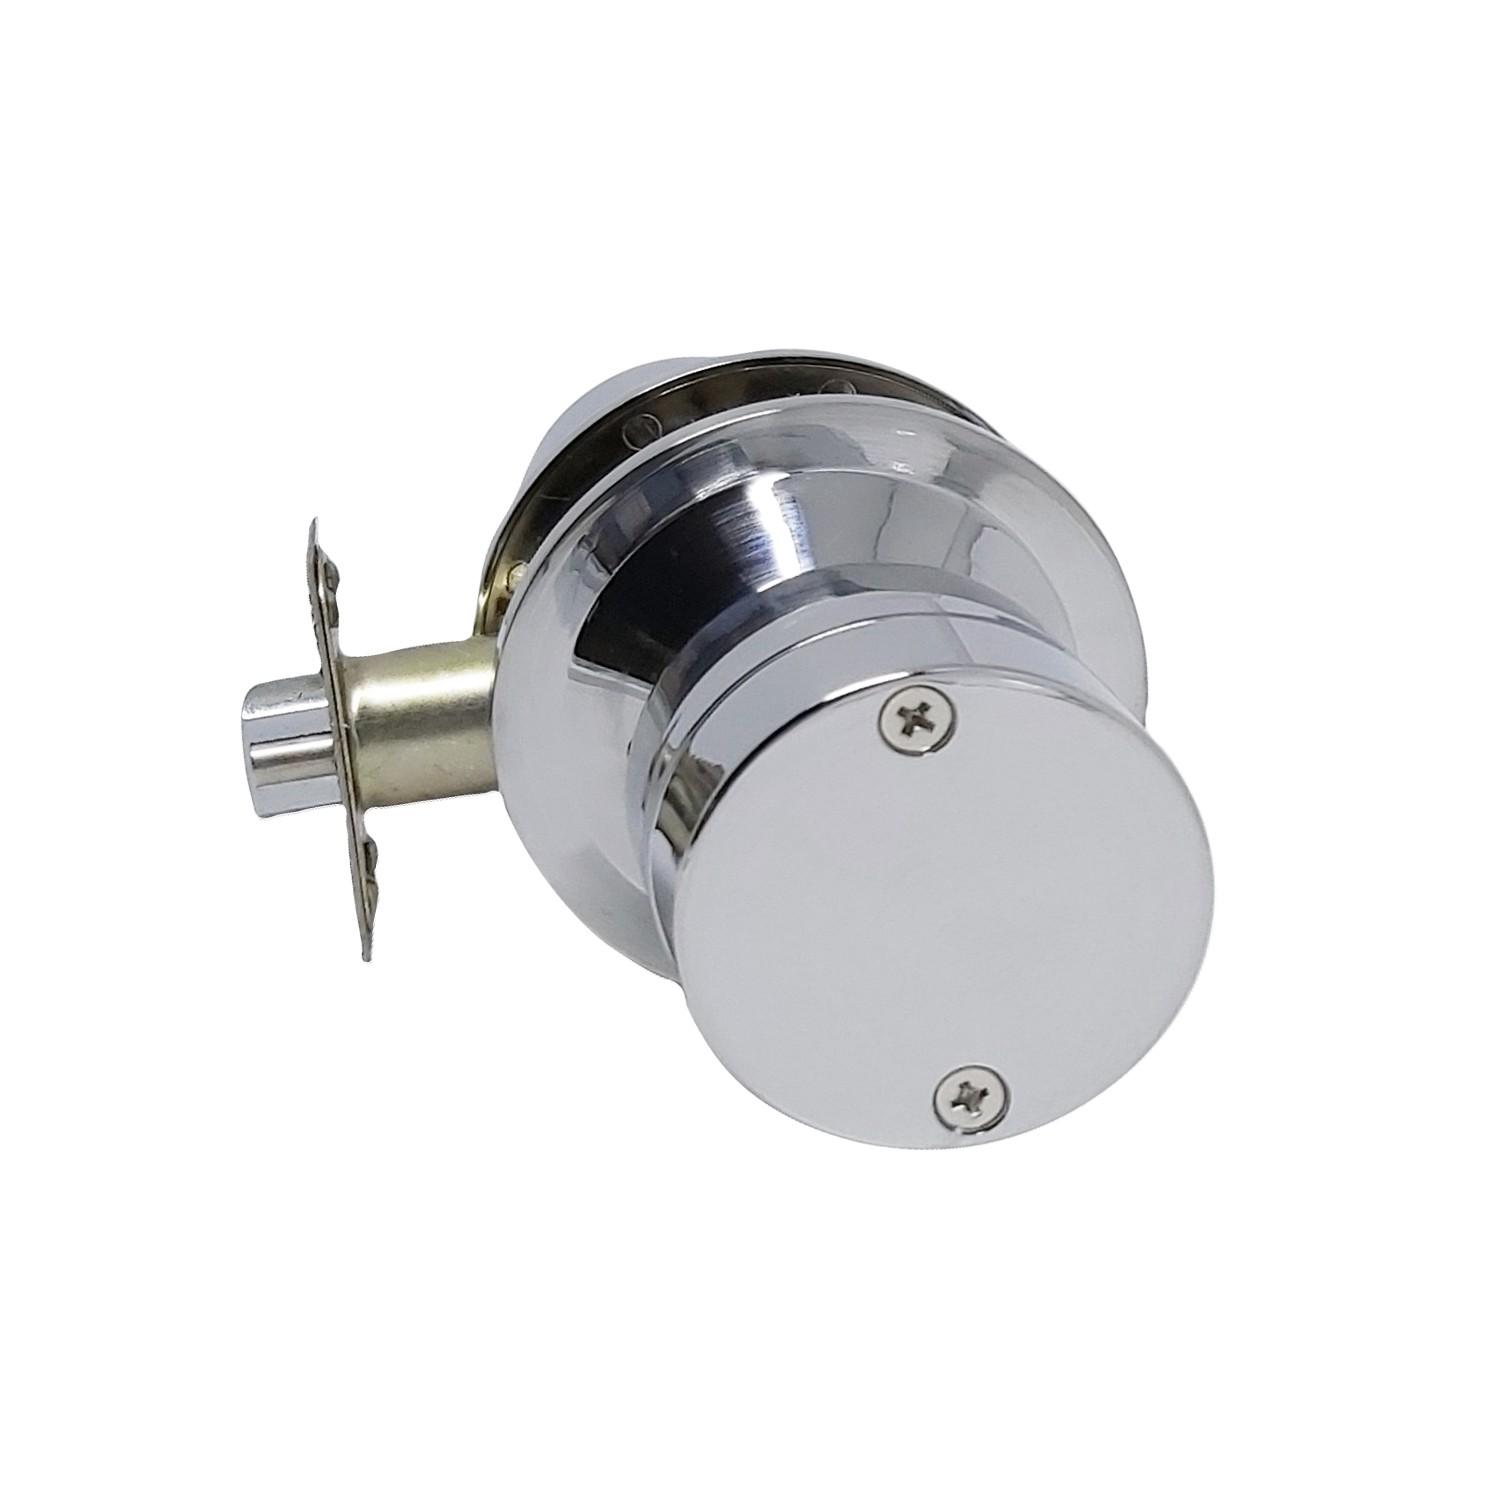 Fechadura Digital Turbolock  YL-99 SS P/ Porta de Divisória c/ Senha - 42114